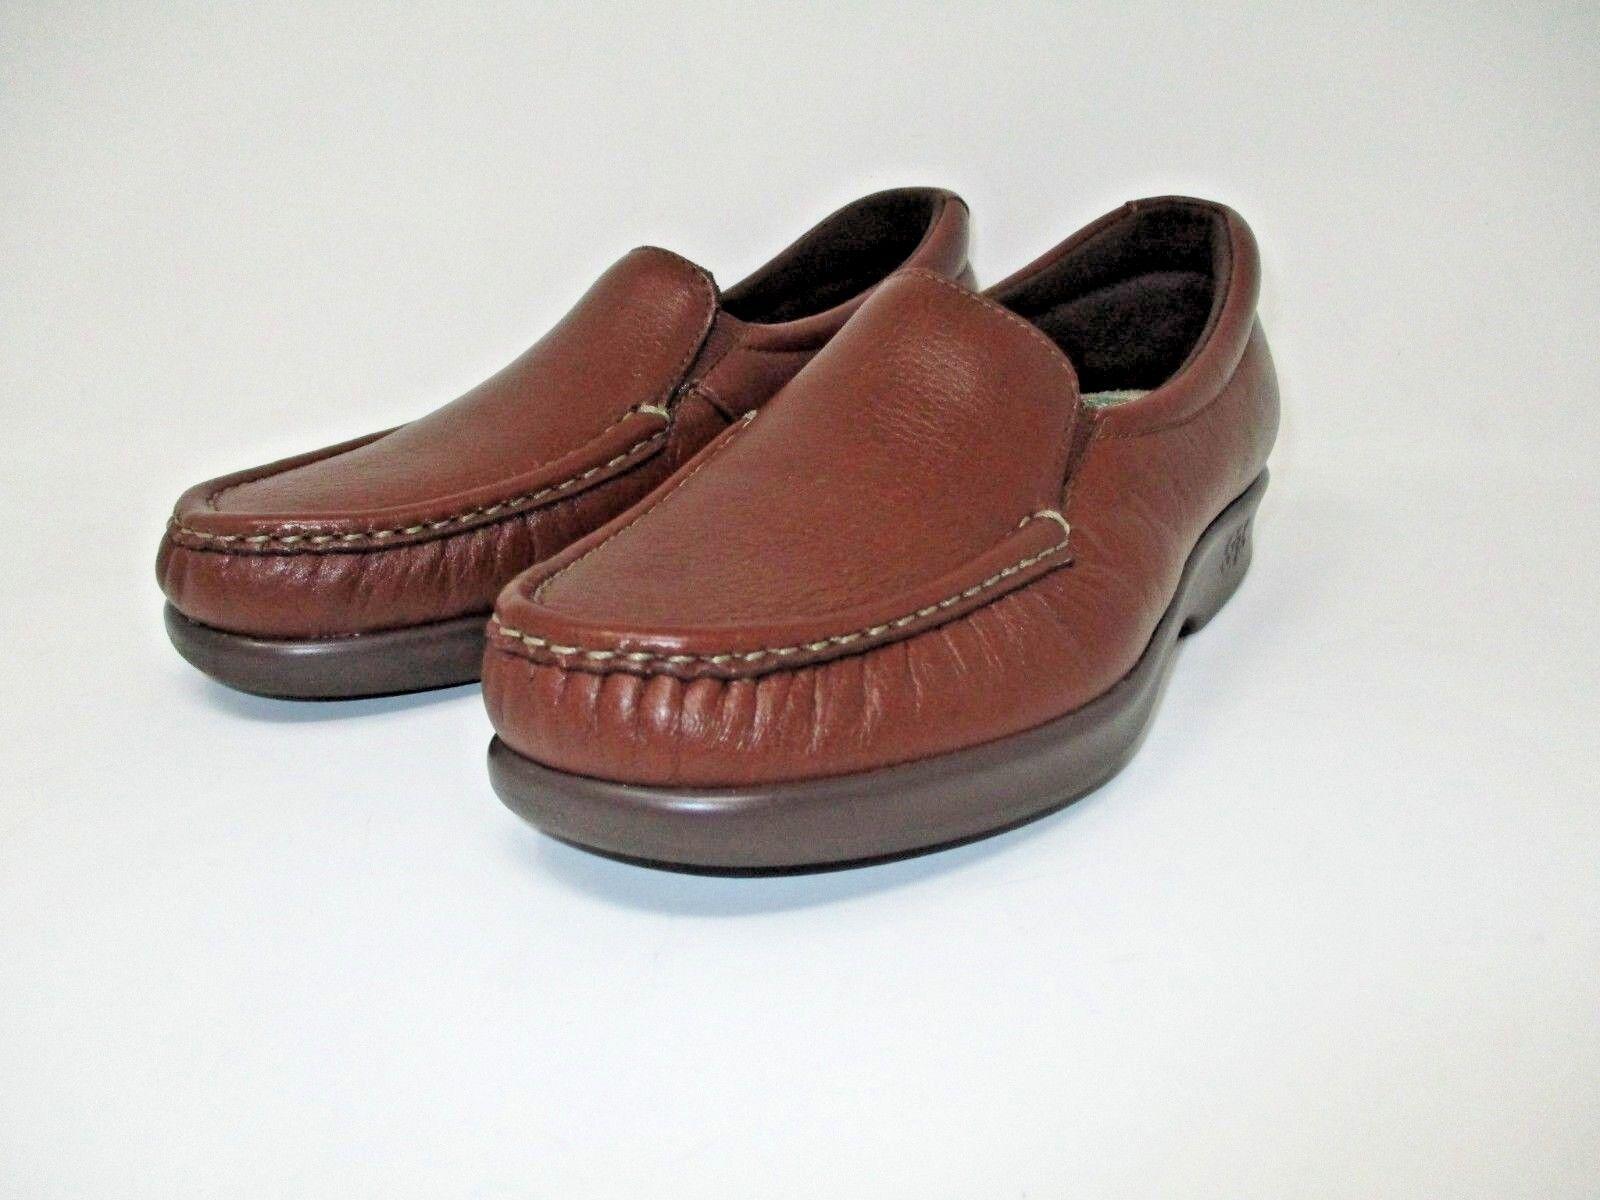 Nuevo en el embalaje embalaje embalaje original sas señora gemelo zapatos-Brandy-tamaño 5.5  precios ultra bajos